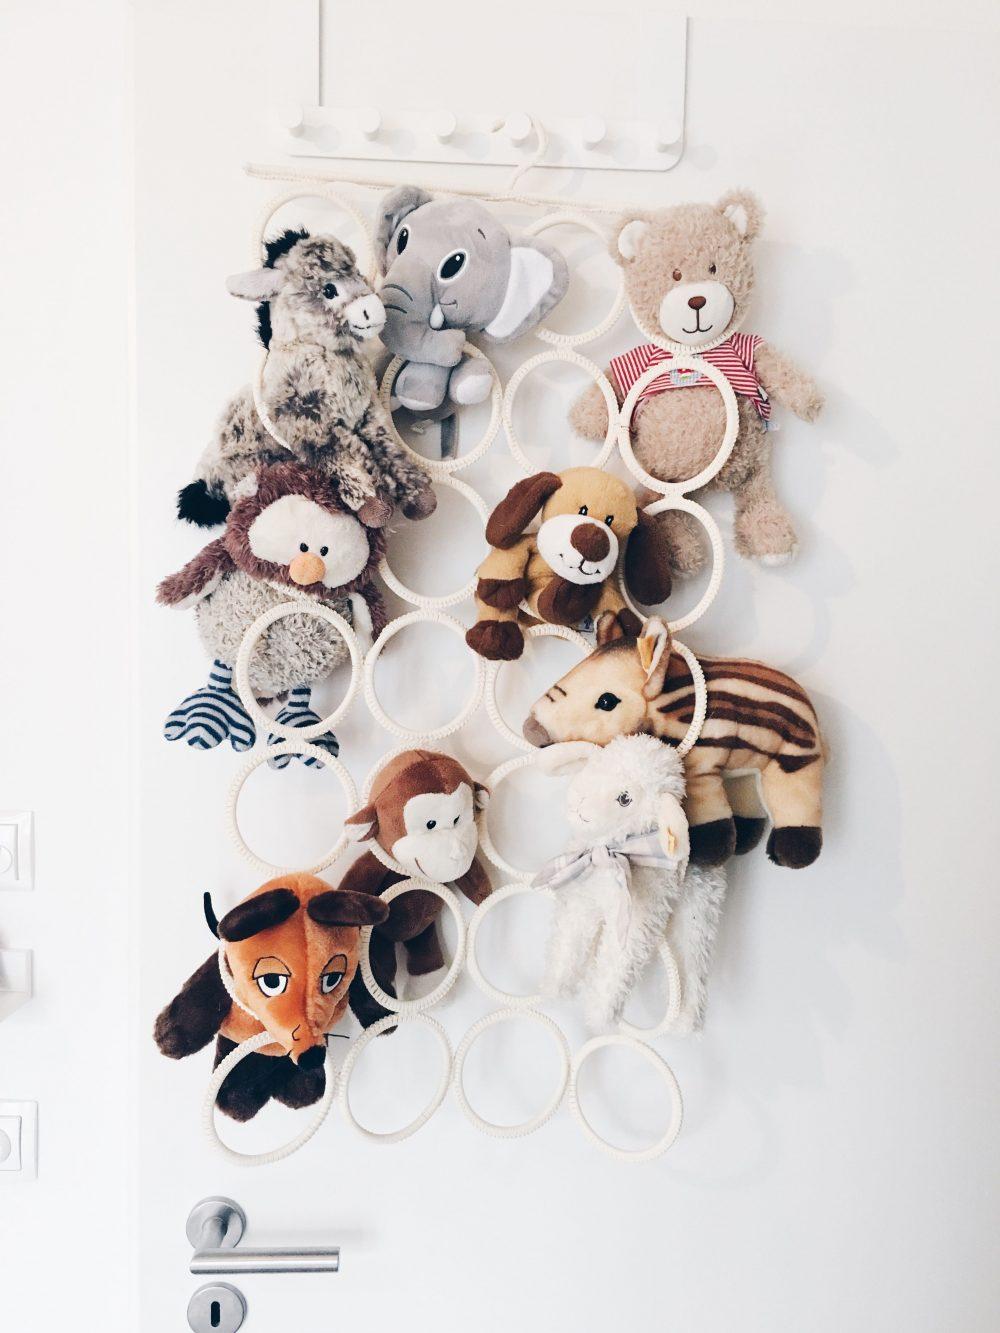 fourhangauf-kinderzimmereinrichtung-kuscheltiere